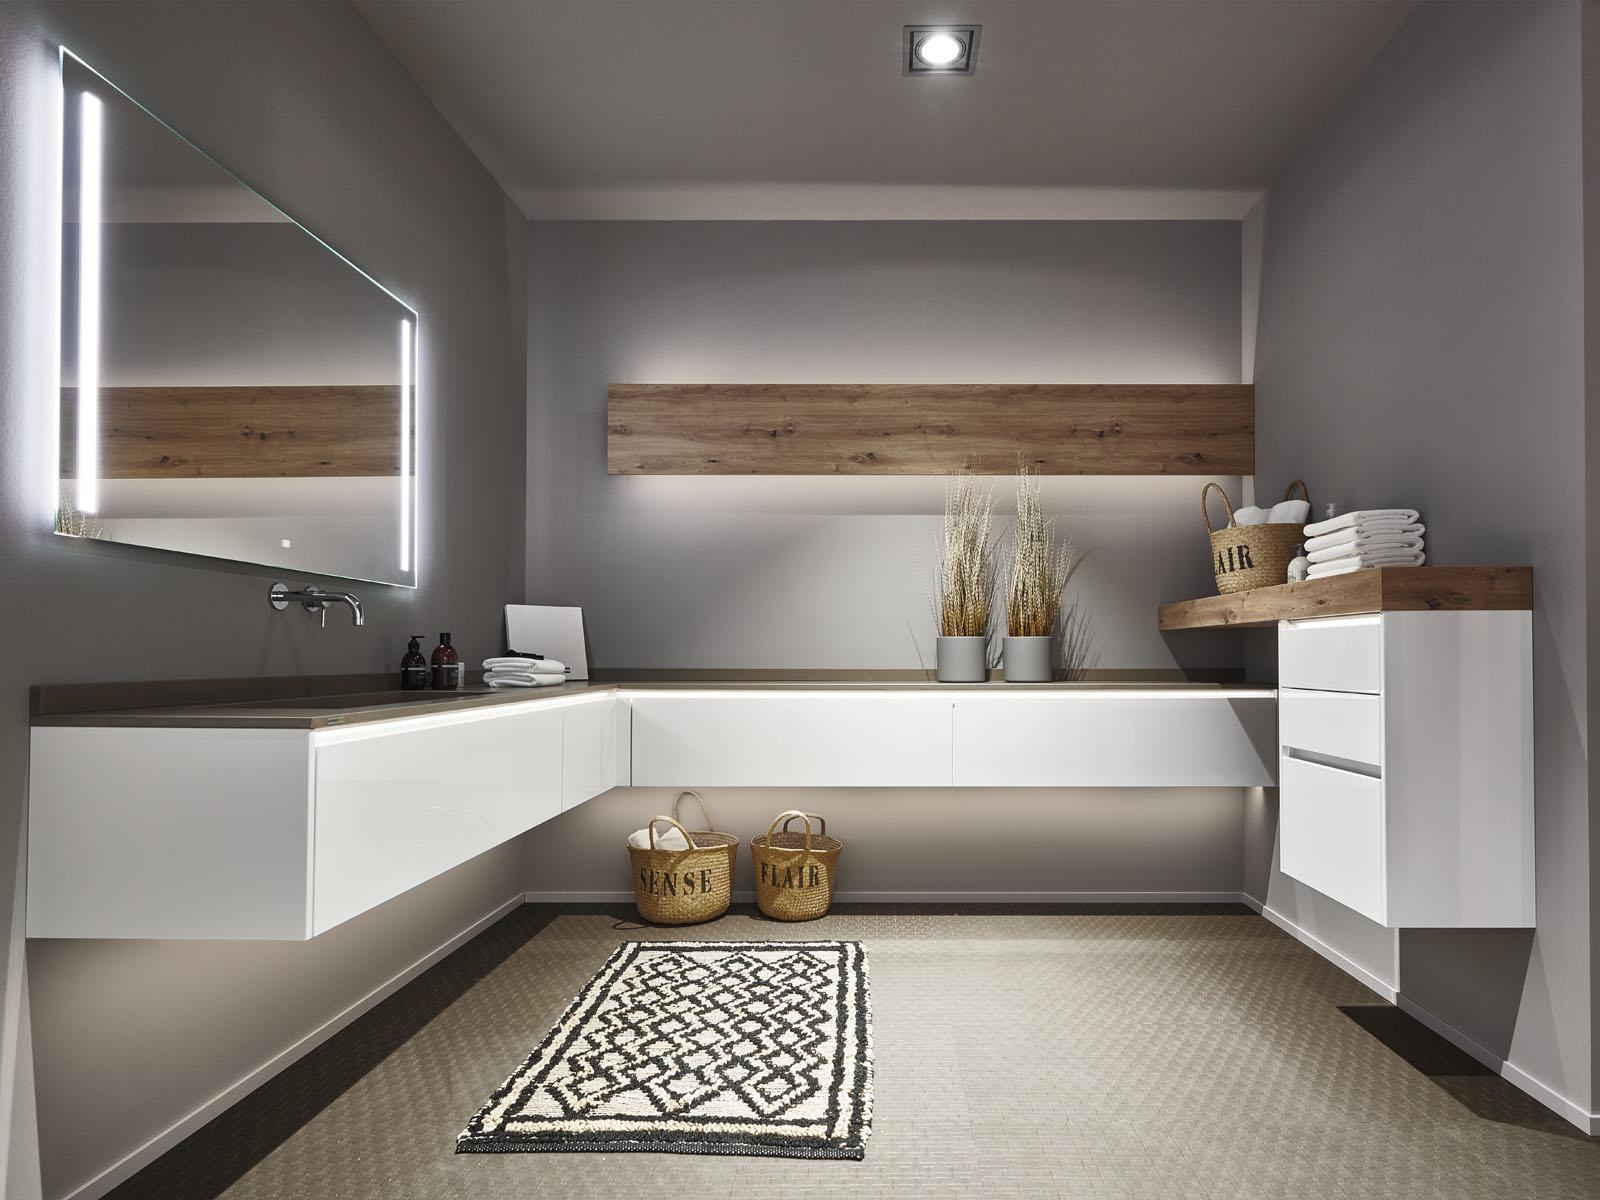 Küchentime Lux 817 N - Bathroom